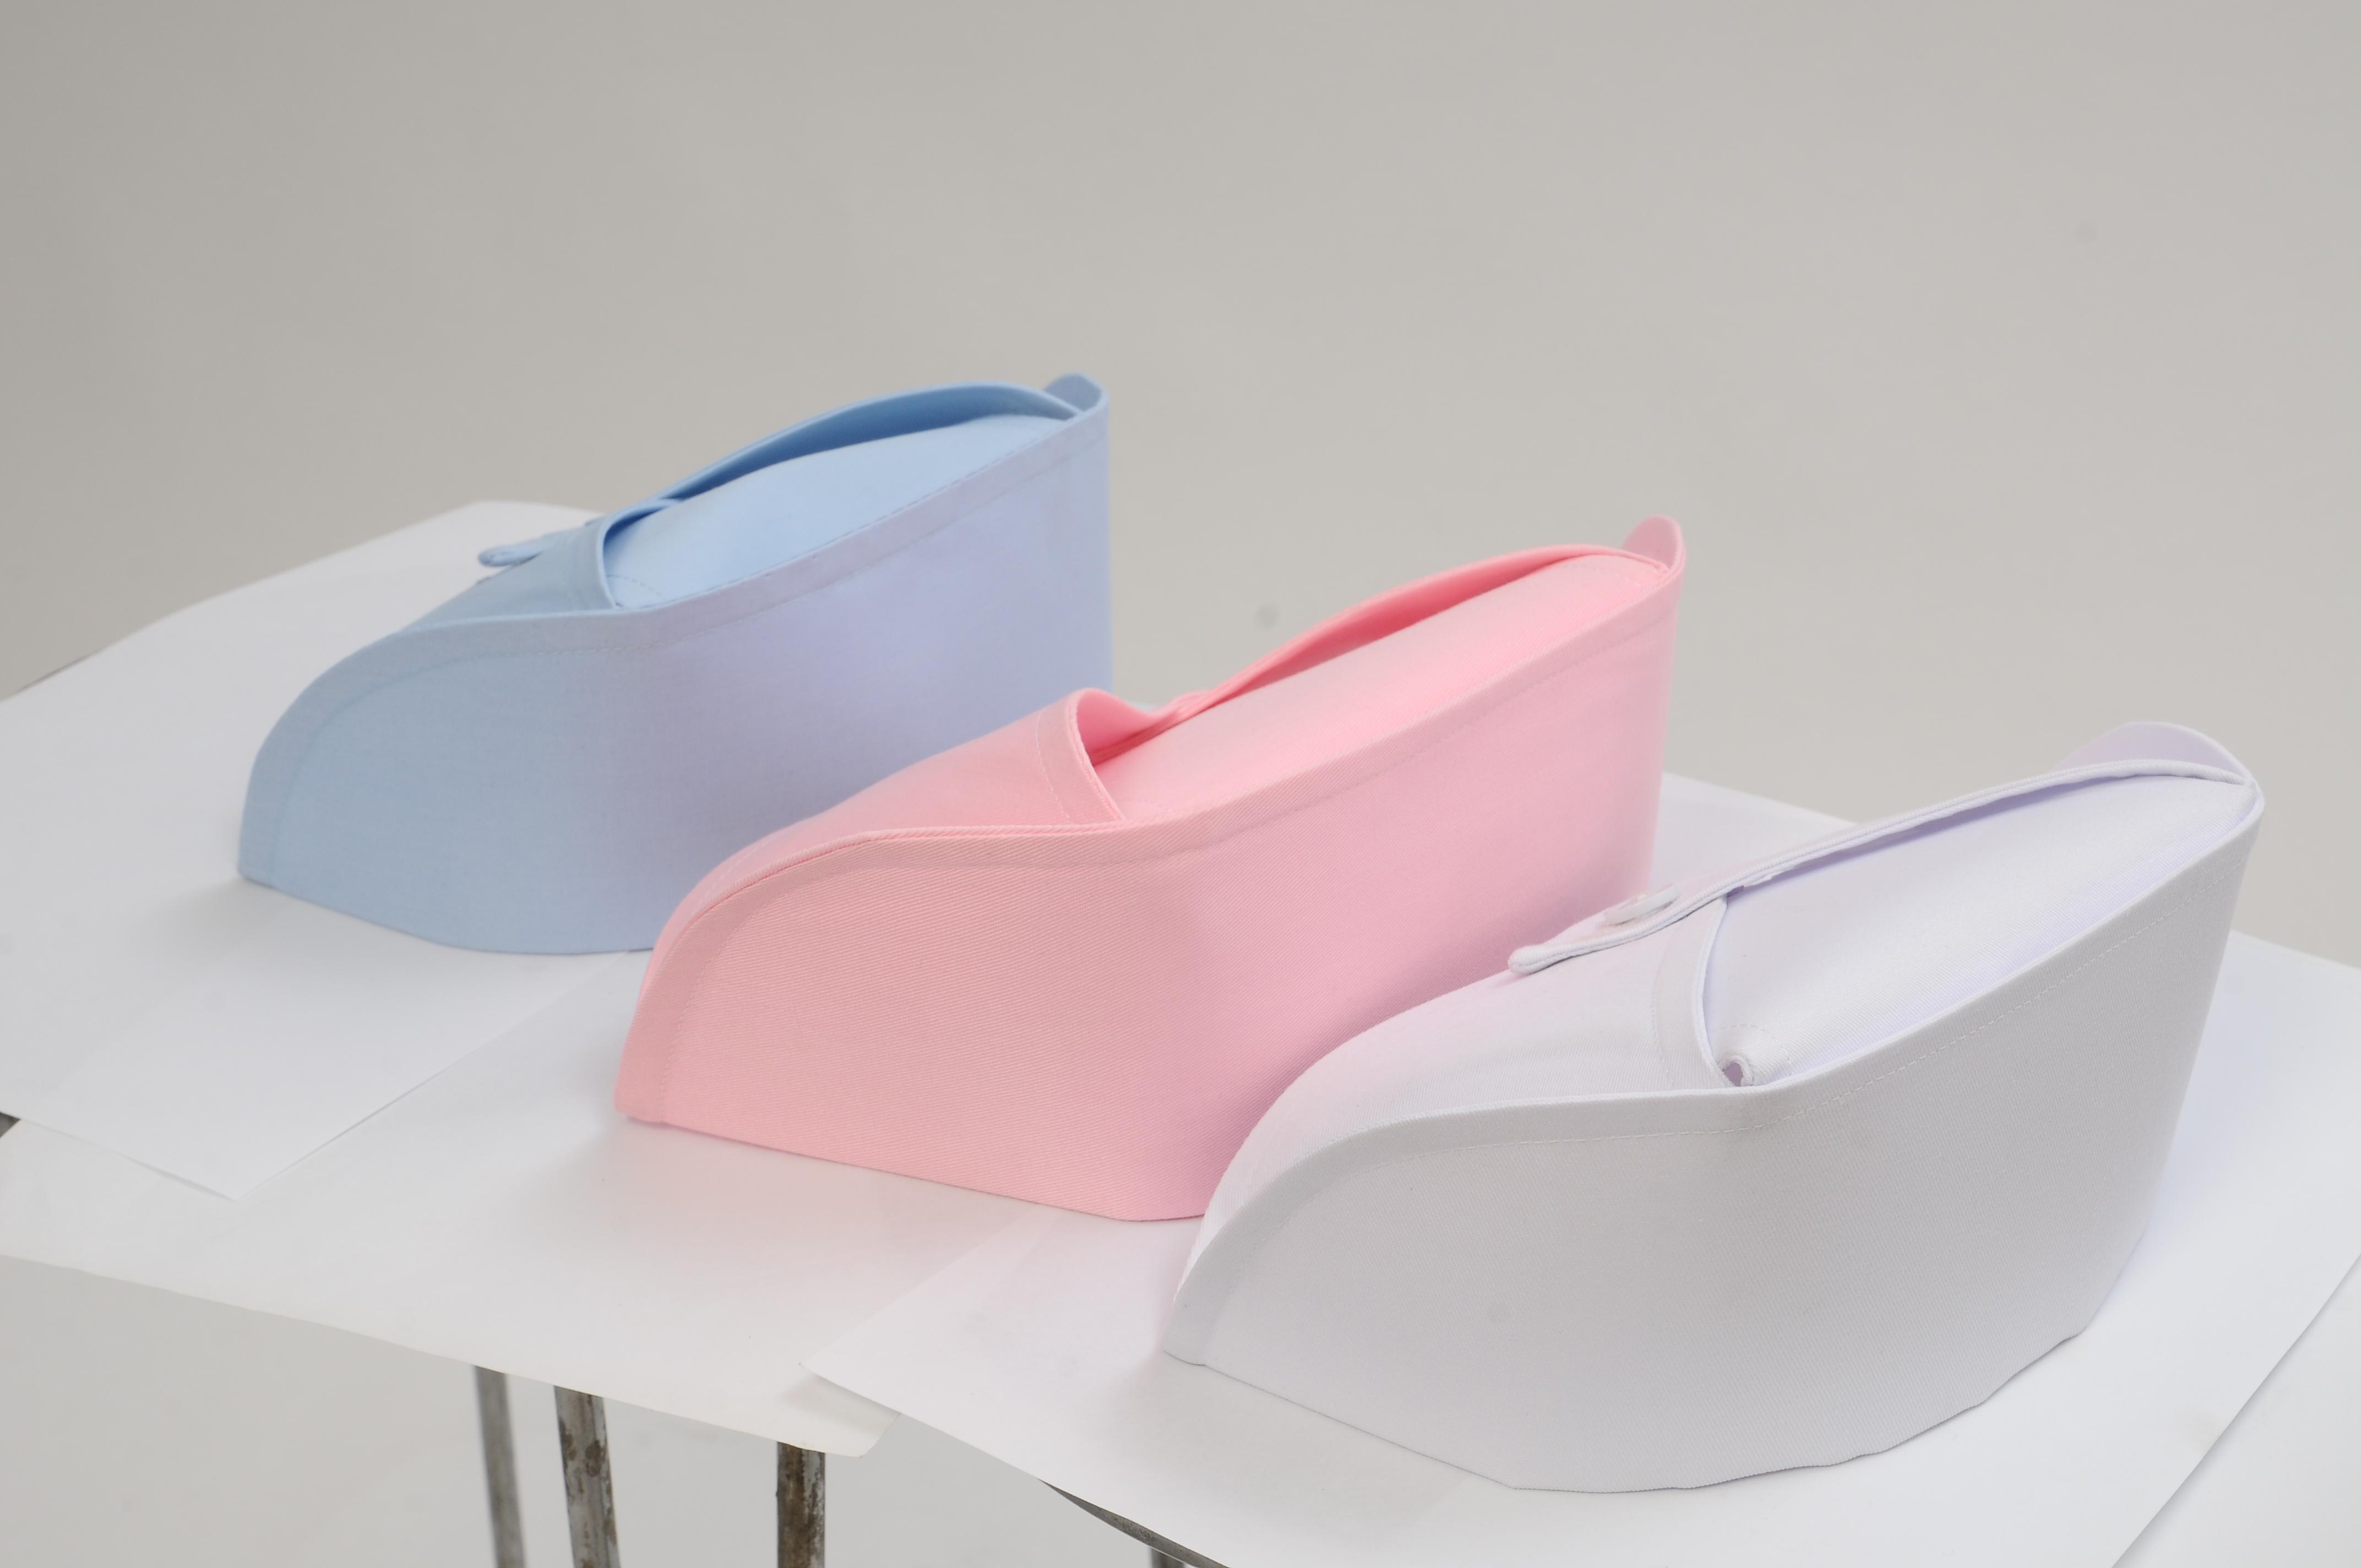 护士帽_护士帽白色加厚硬挺燕尾帽粉色蓝色夏季薄款帽子医院诊所职业帽子